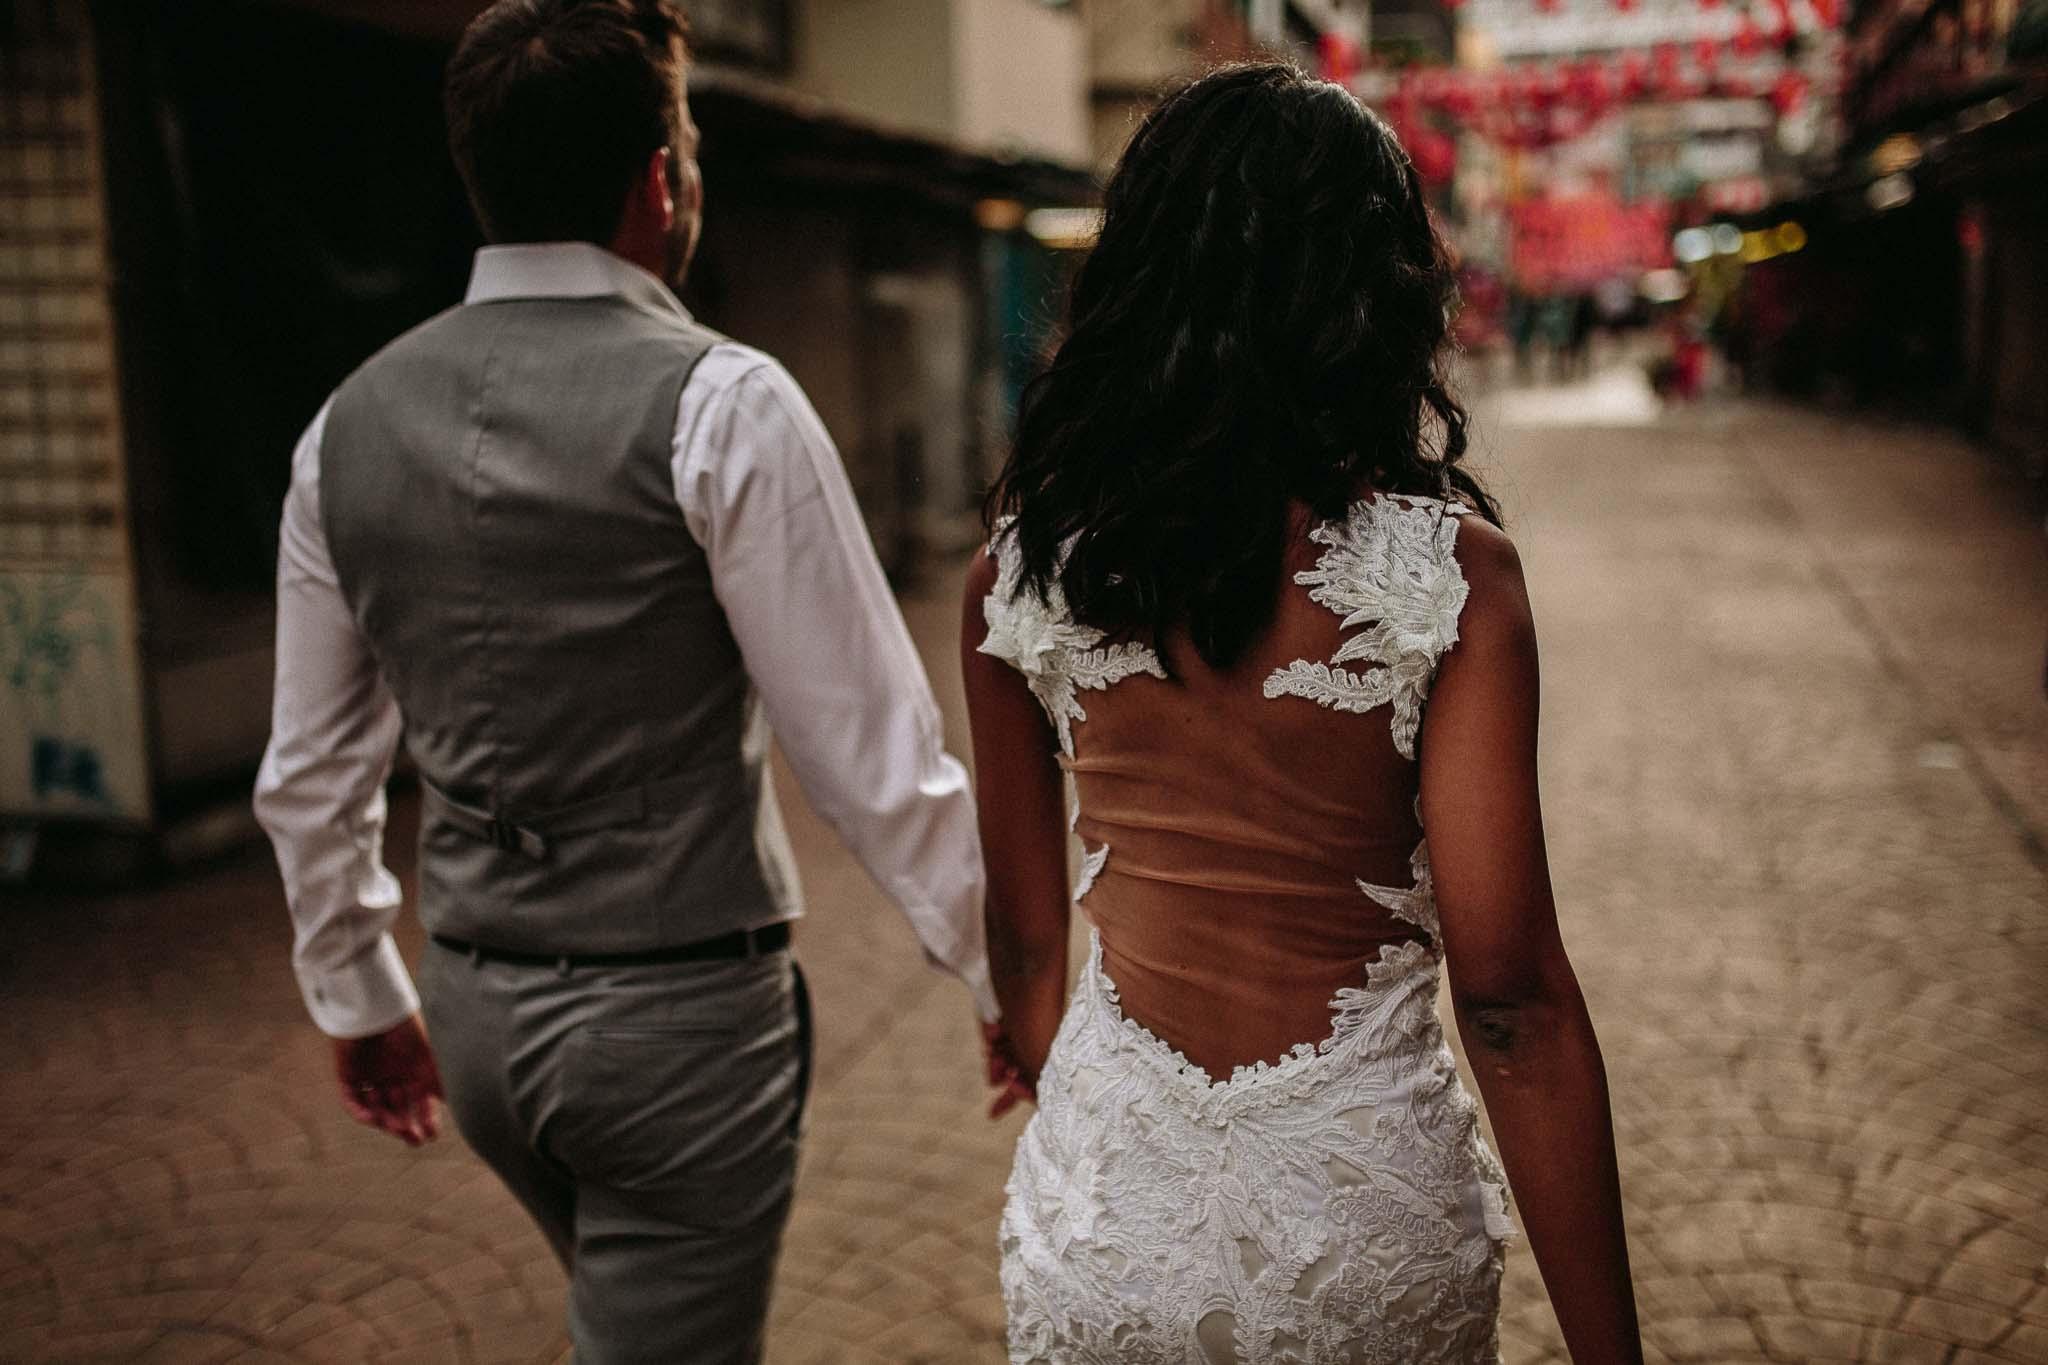 u&m-weddingsbyqay-lovesession-destinationweddingphotographer (25 of 160).jpg